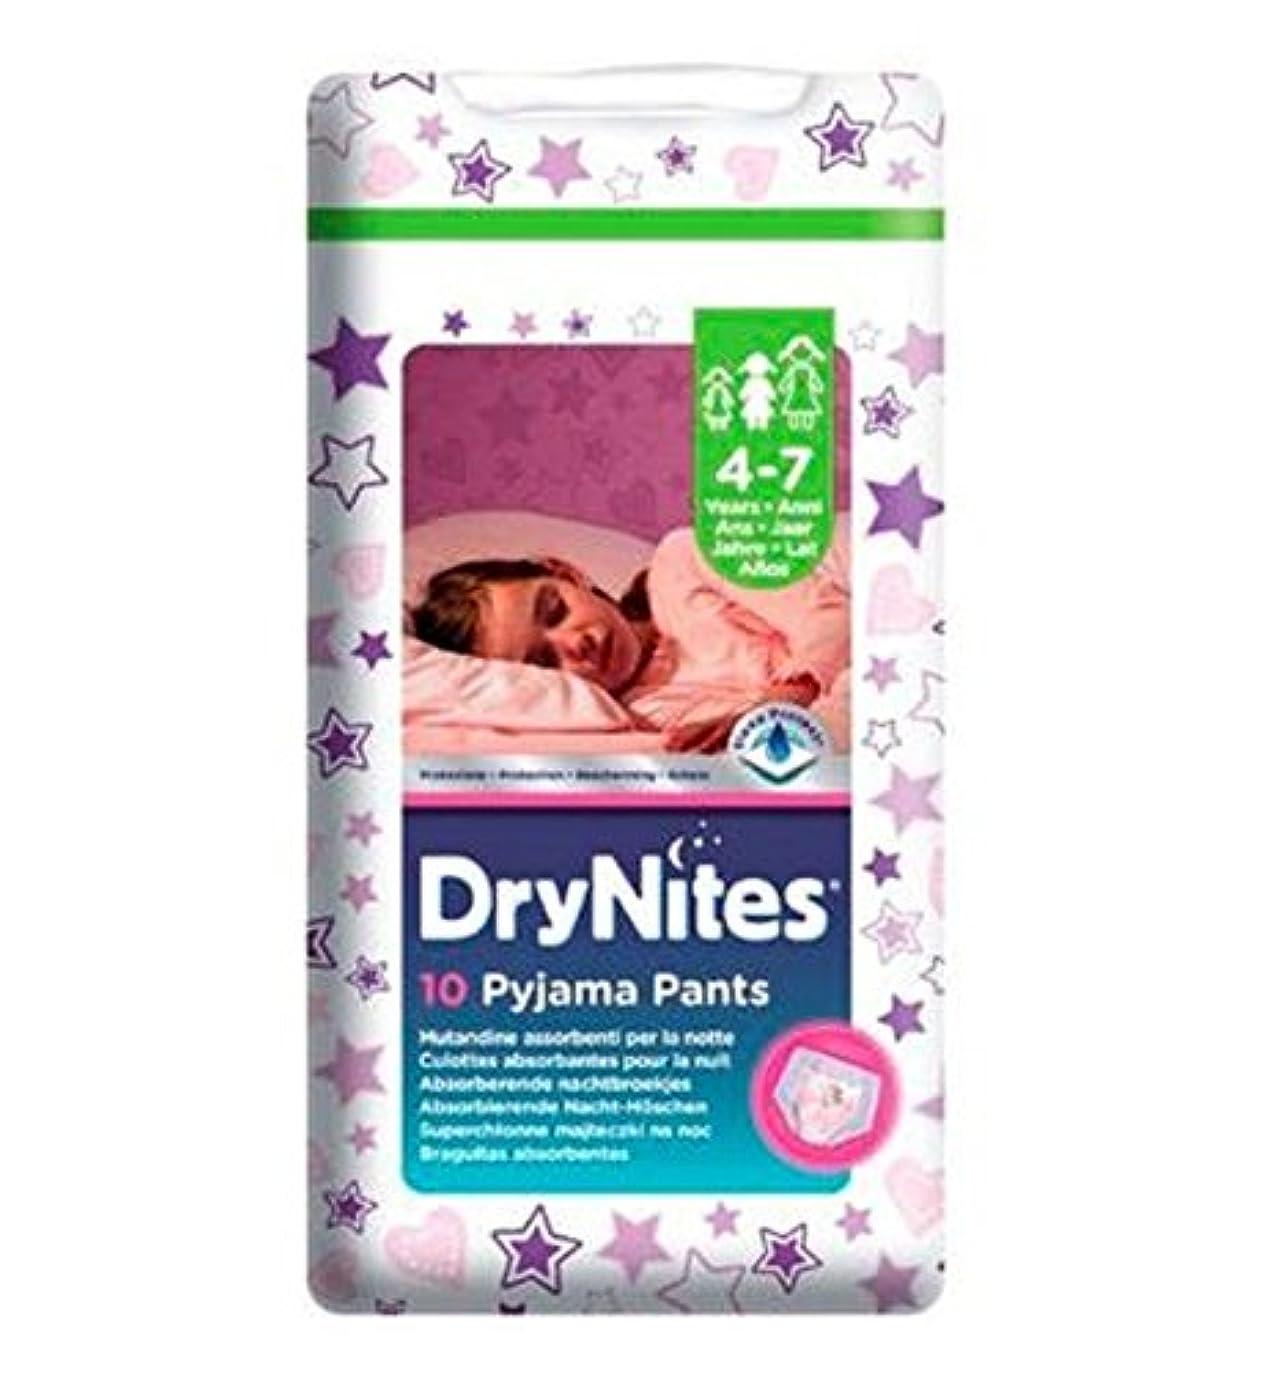 媒染剤協会糞Huggies DryNites? Pyjama Bed Wetting Pants Girls 4-7 Years - 10 Pants - 10パンツ - パンツの女の子4-7年を湿潤ハギーズのDrynites?パジャマベッド (Huggies) [並行輸入品]